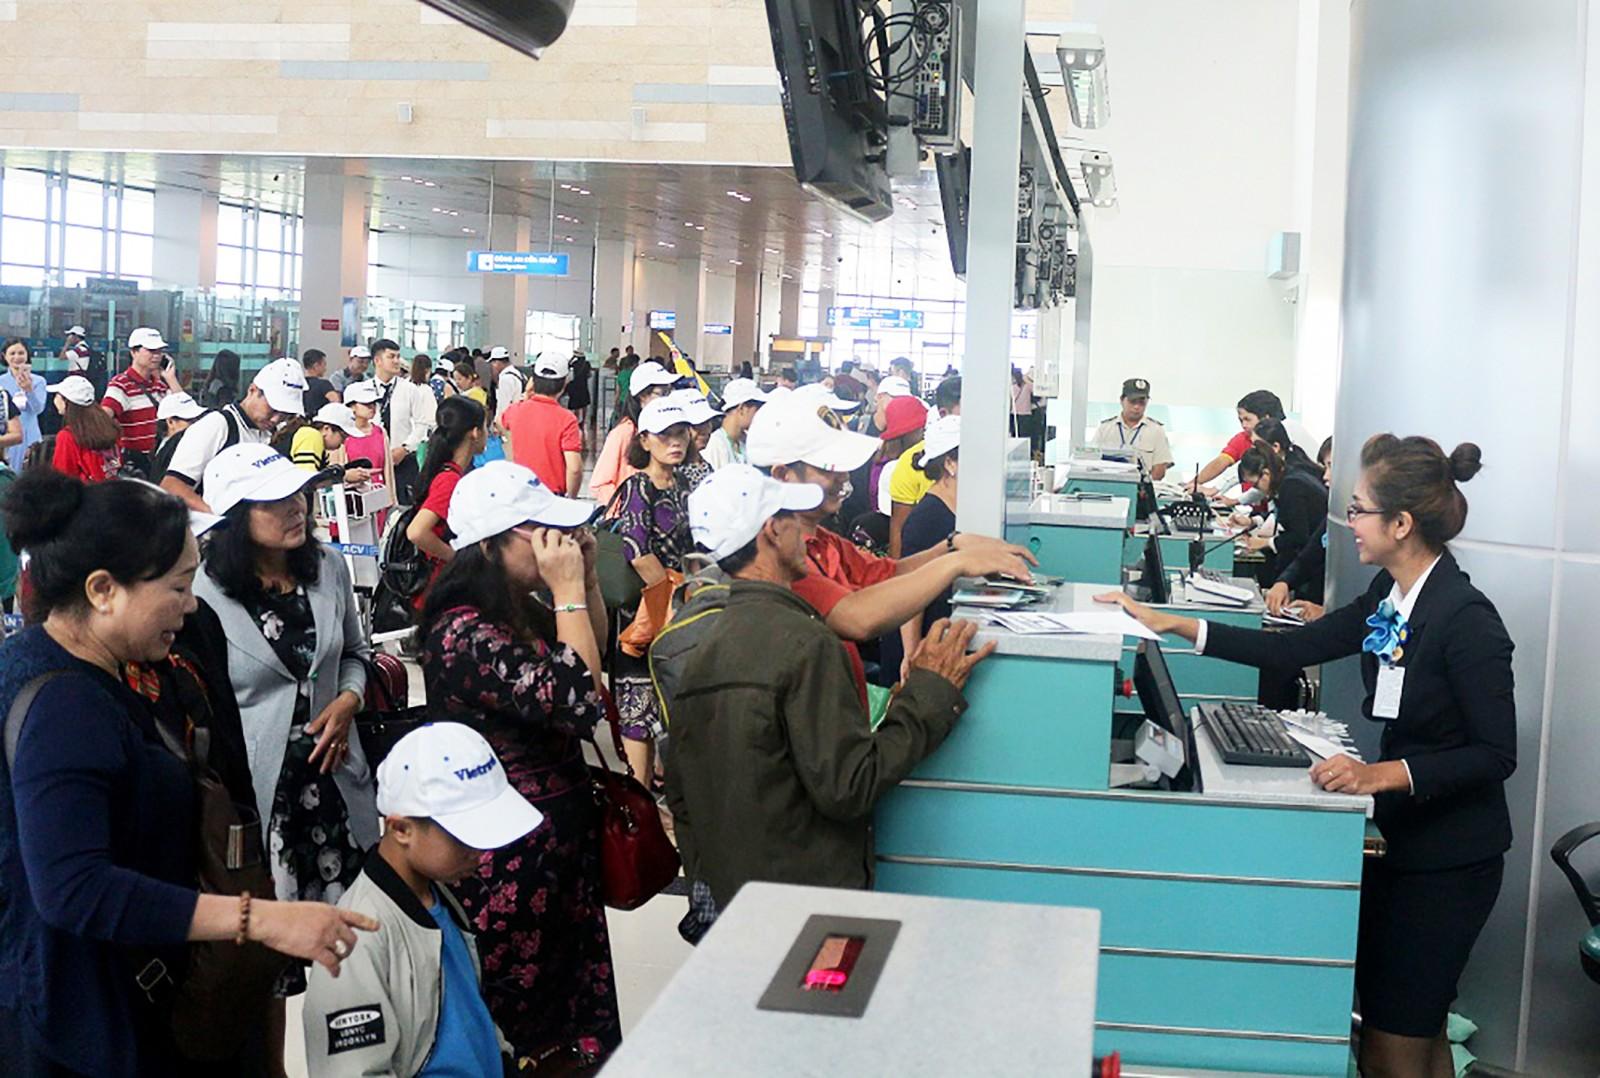 Khách làm thủ tục check-in ở Cảng hàng không Quốc tế Cần Thơ. Ảnh: ÁI LAM